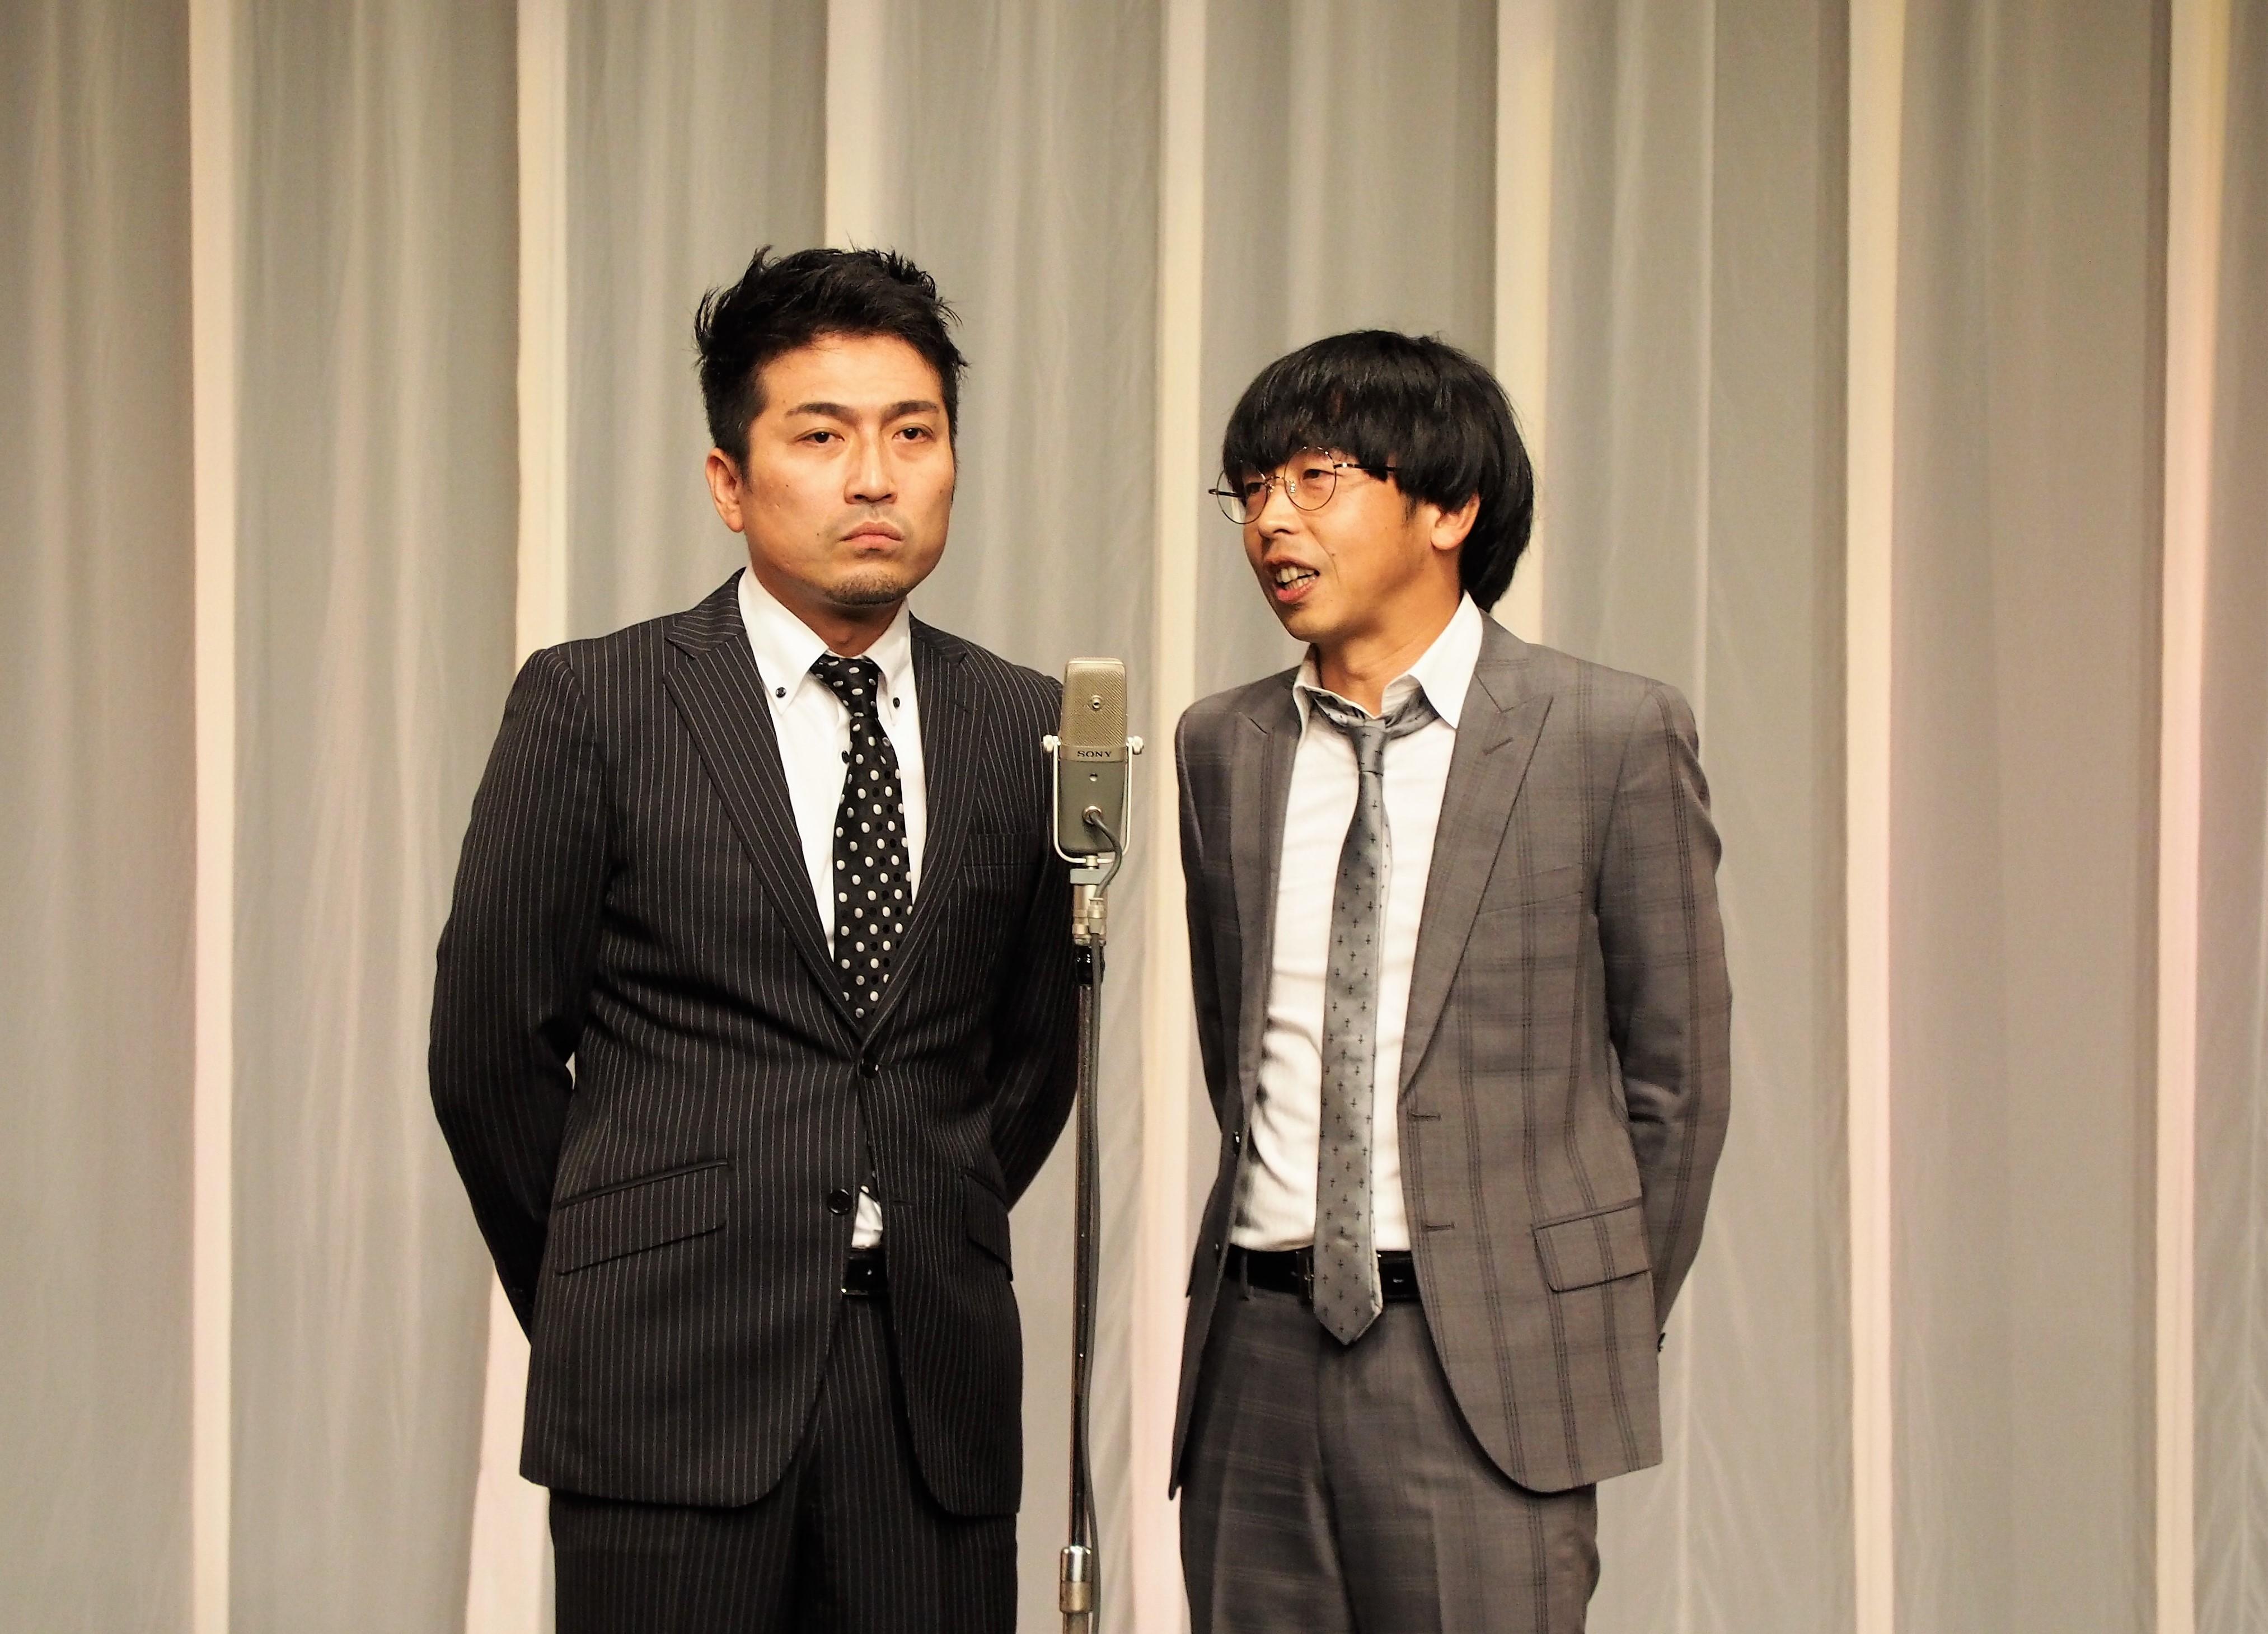 http://news.yoshimoto.co.jp/20180704112811-05c09e4747aadbc92d8e4e74a002e0b3cf12511d.jpg